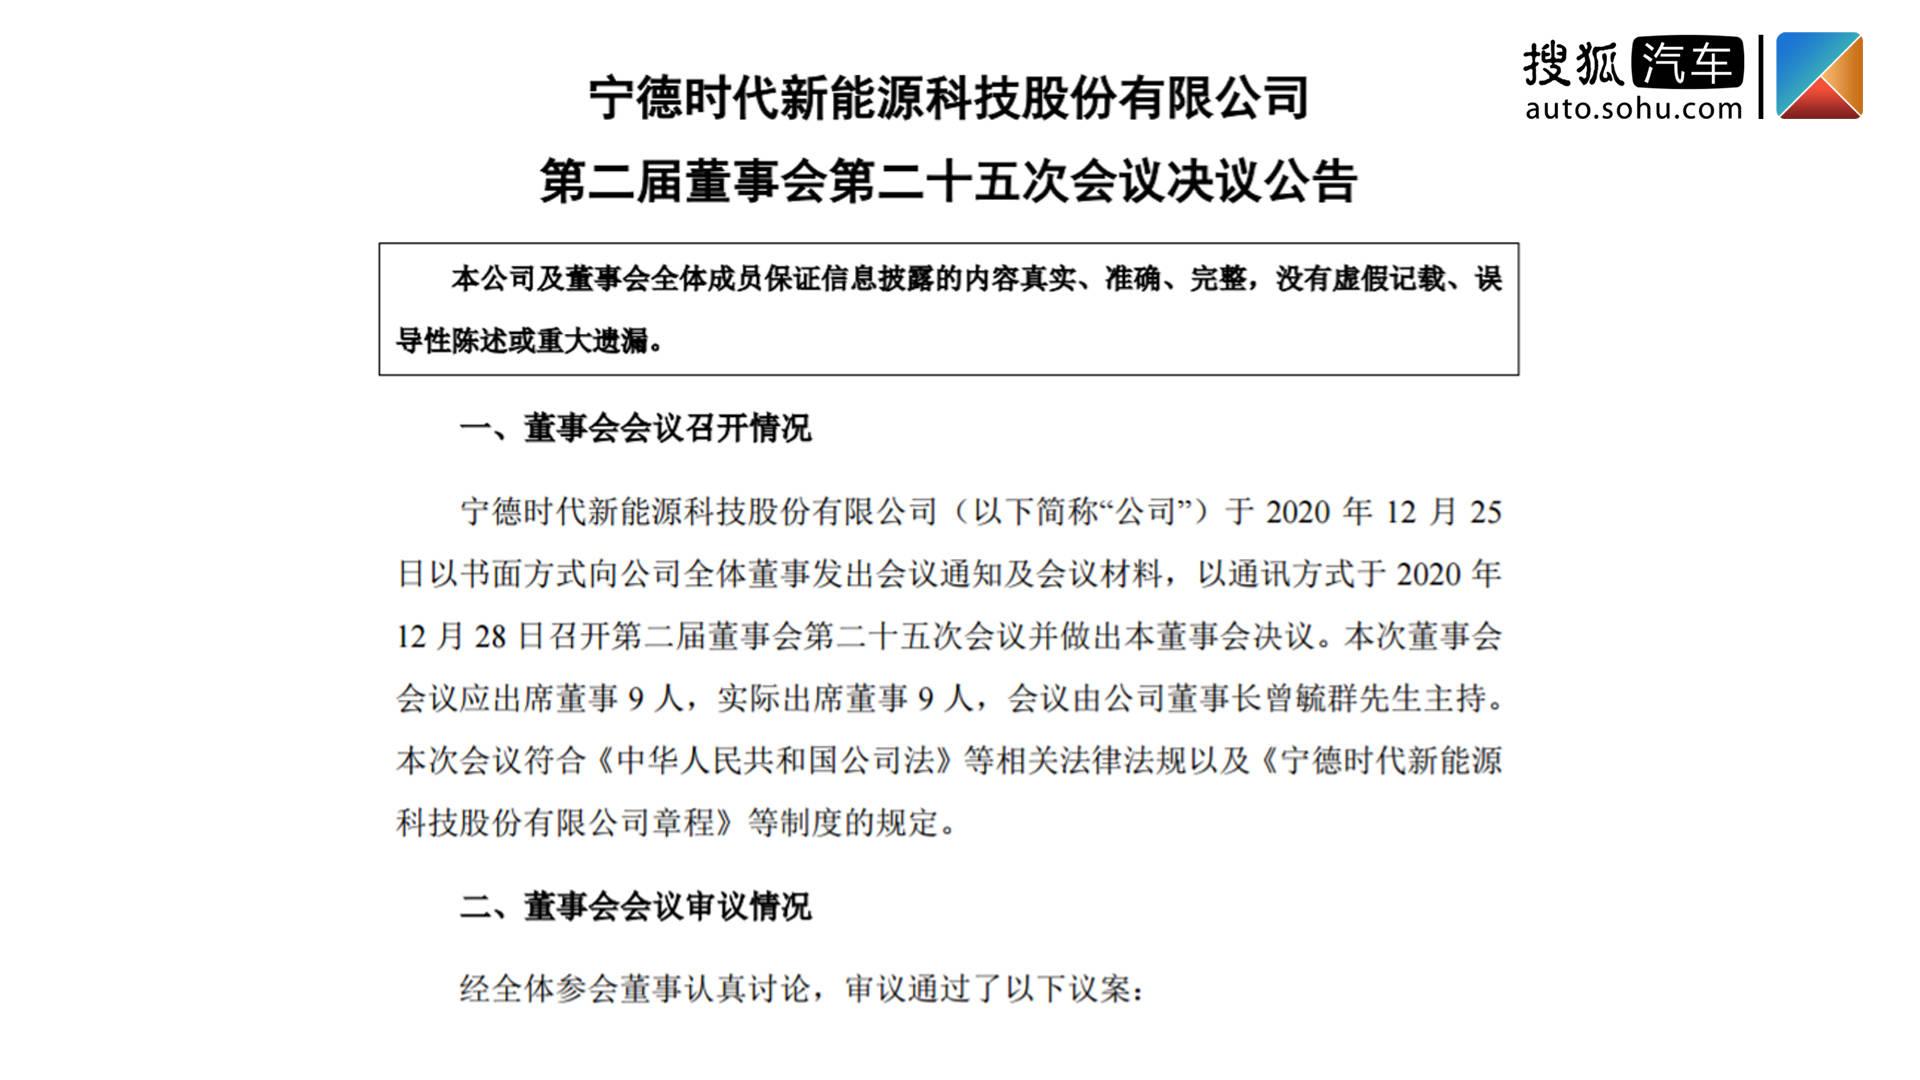 CATL计划投资390亿元在江苏,四川和福建建设电池制造基地